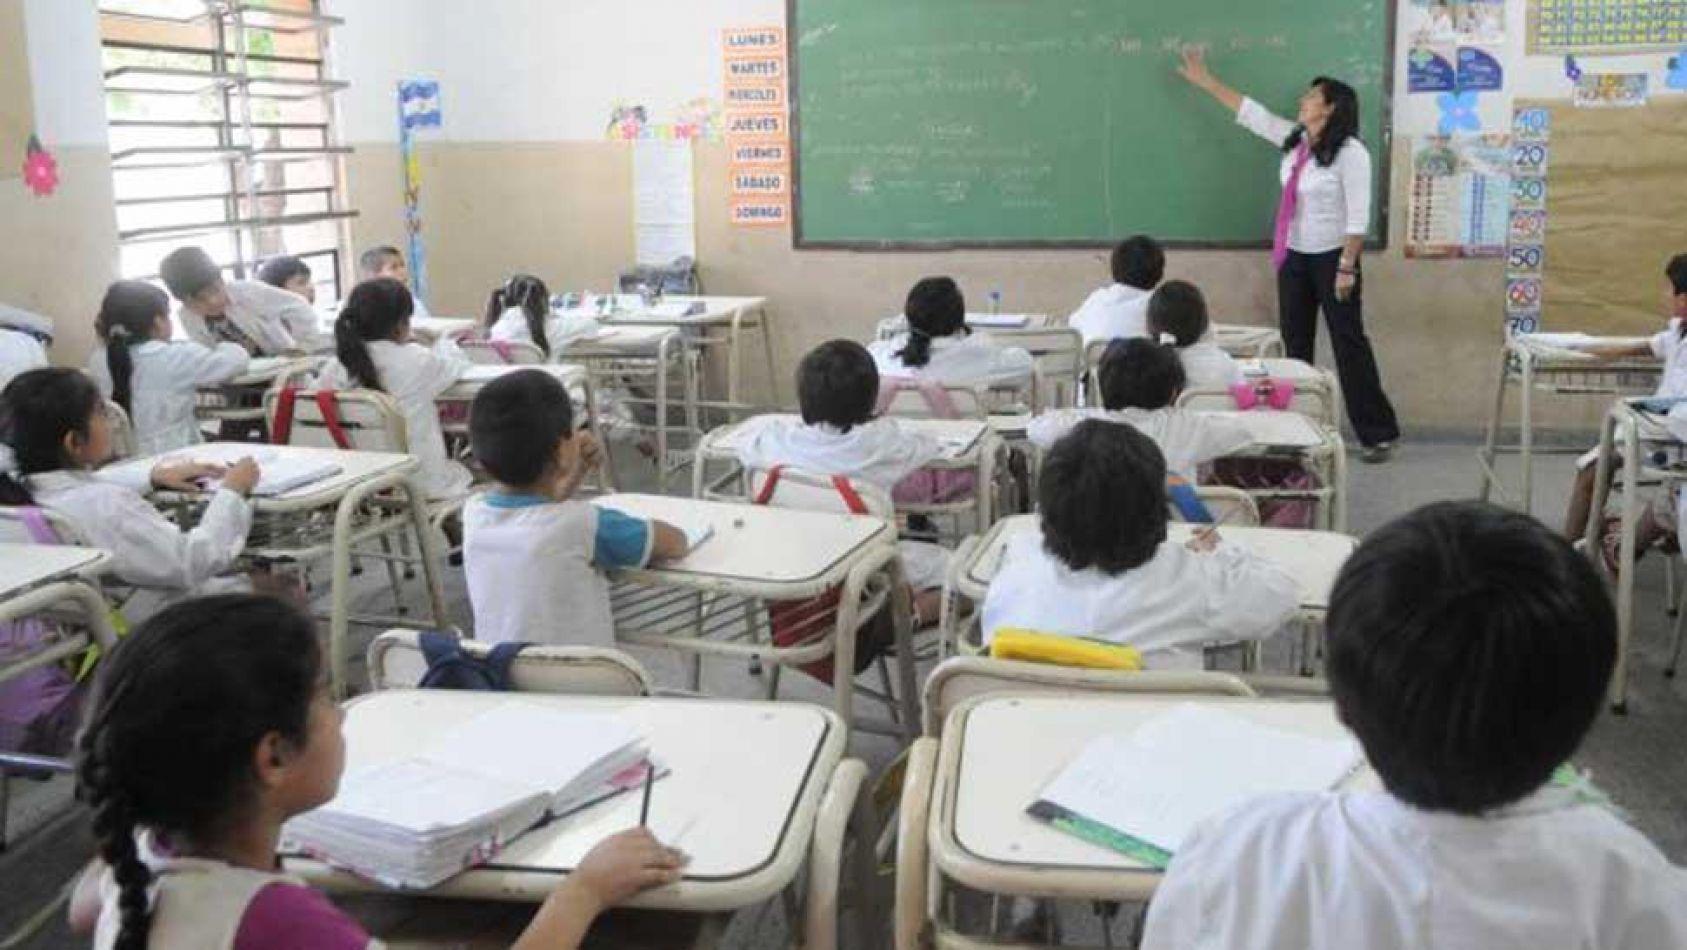 Paro docente: el acatamiento no superó el 5% en Salta